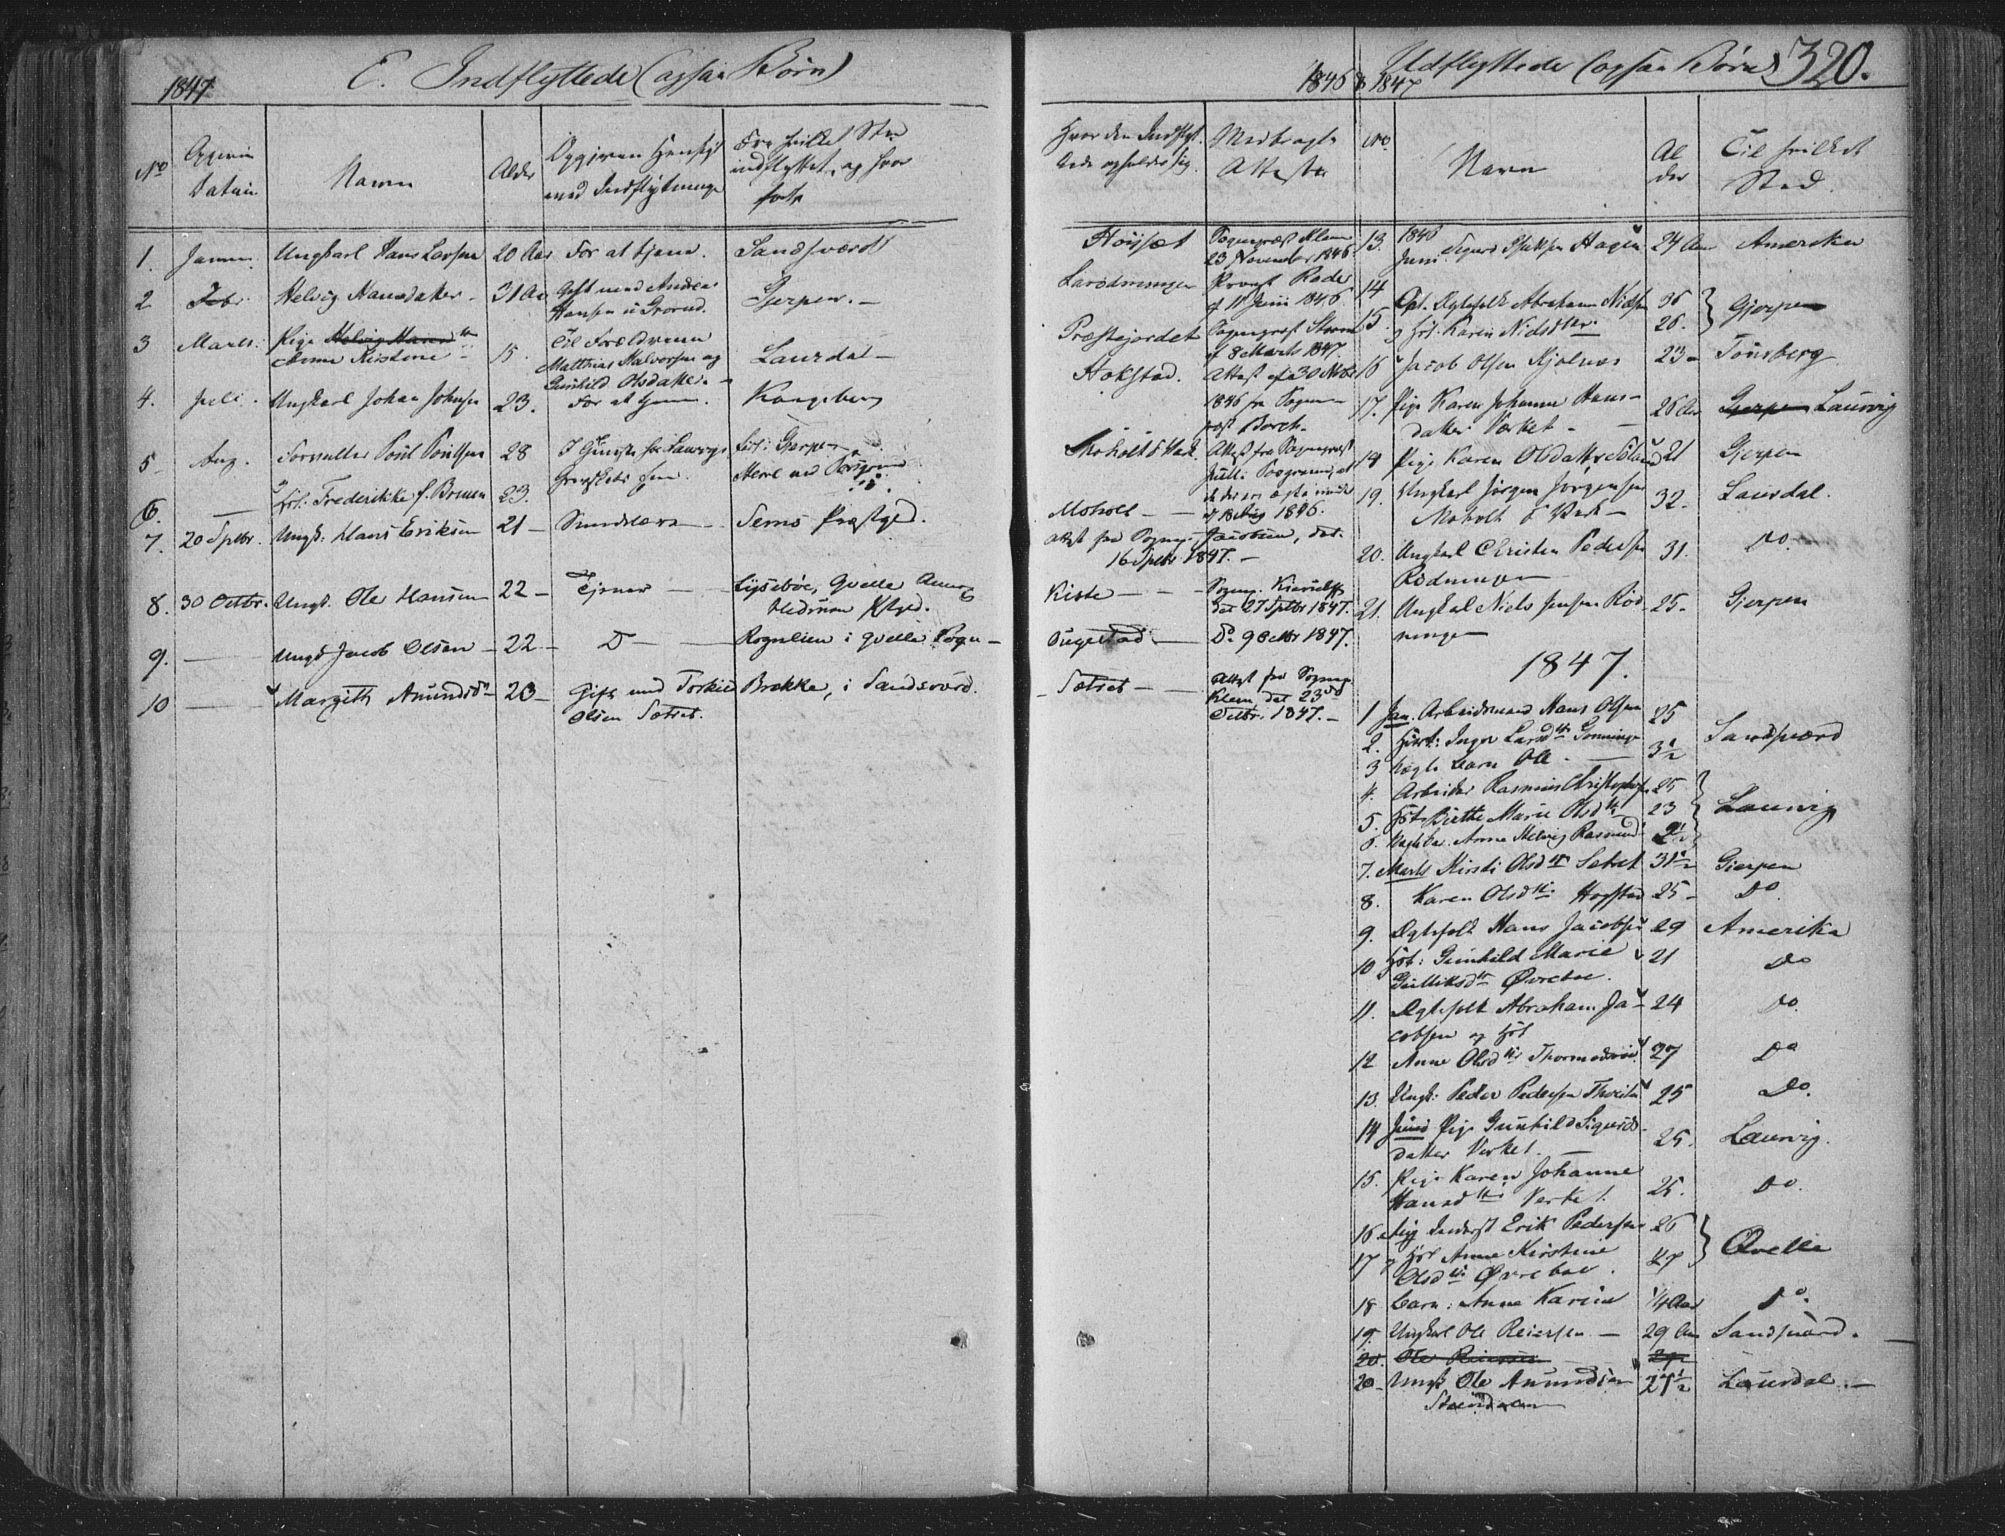 SAKO, Siljan kirkebøker, F/Fa/L0001: Ministerialbok nr. 1, 1831-1870, s. 320